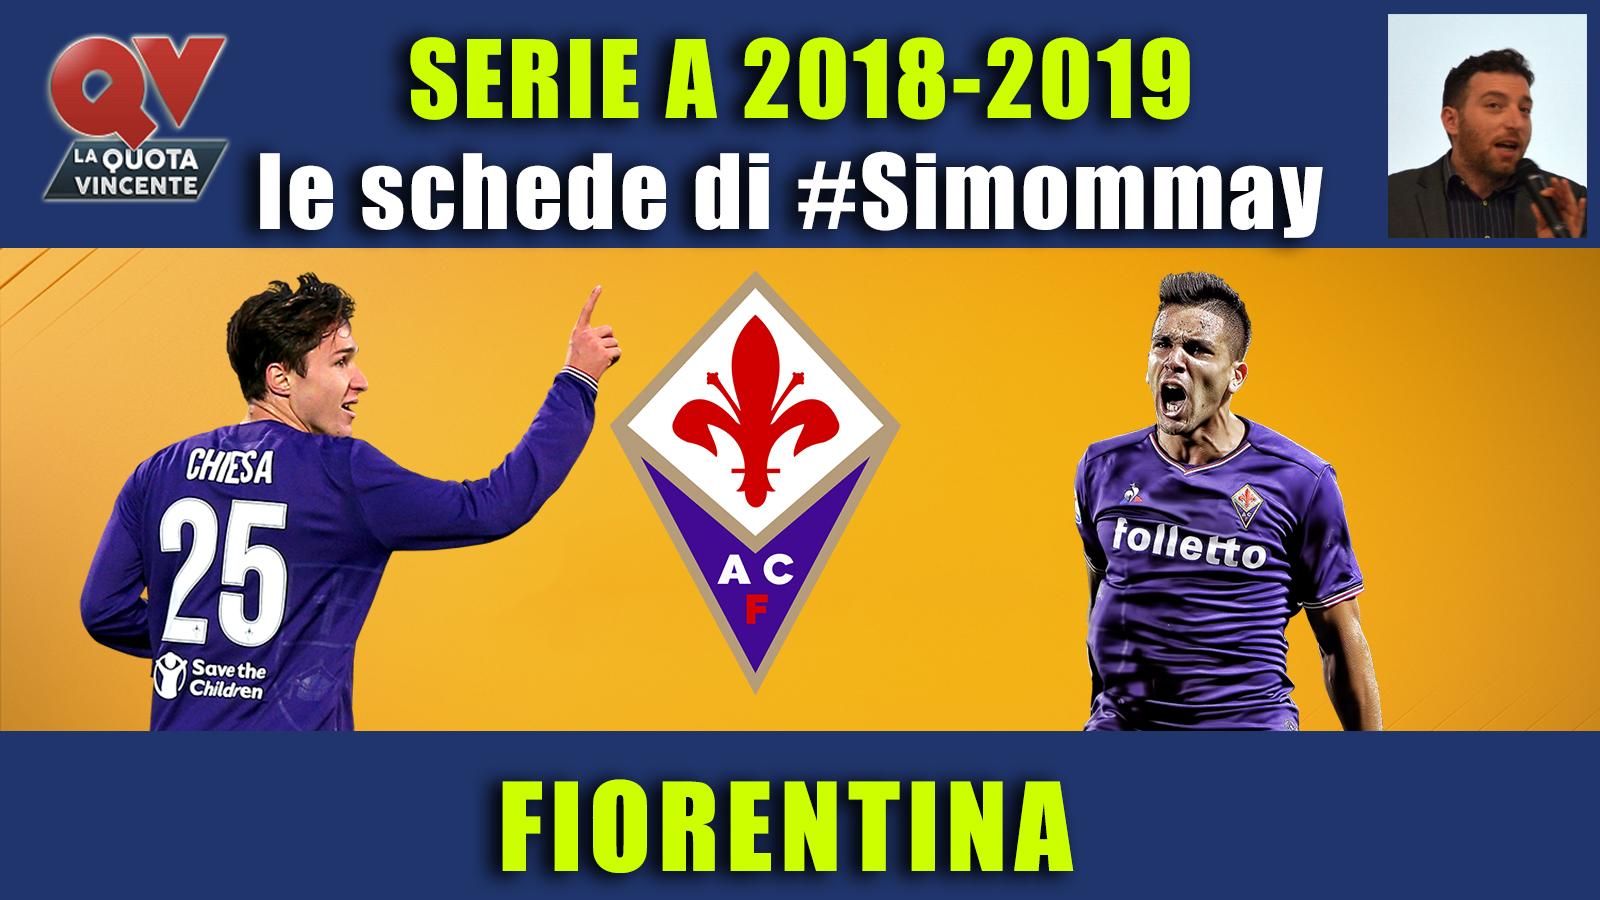 Guida Serie A 2018-2019 FIORENTINA: i viola verso l'Europa